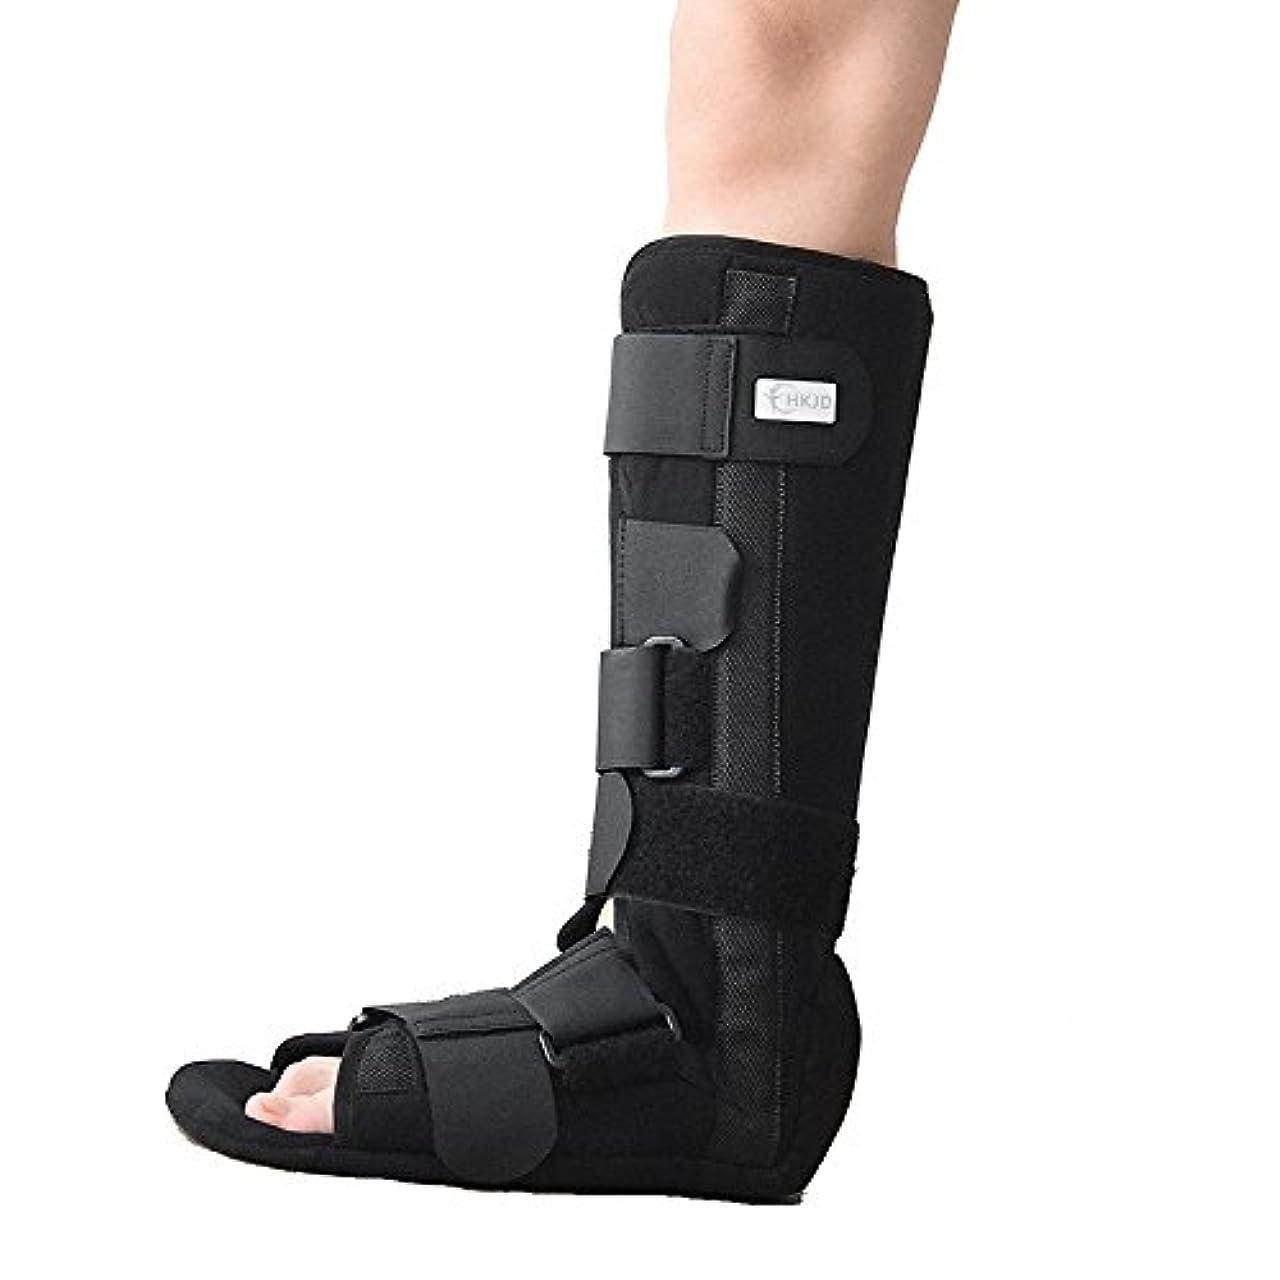 値インフルエンザ取る足首骨折リハビリ固定足首膝ライナー歩行者ウォーカーブーツ足首足矯正